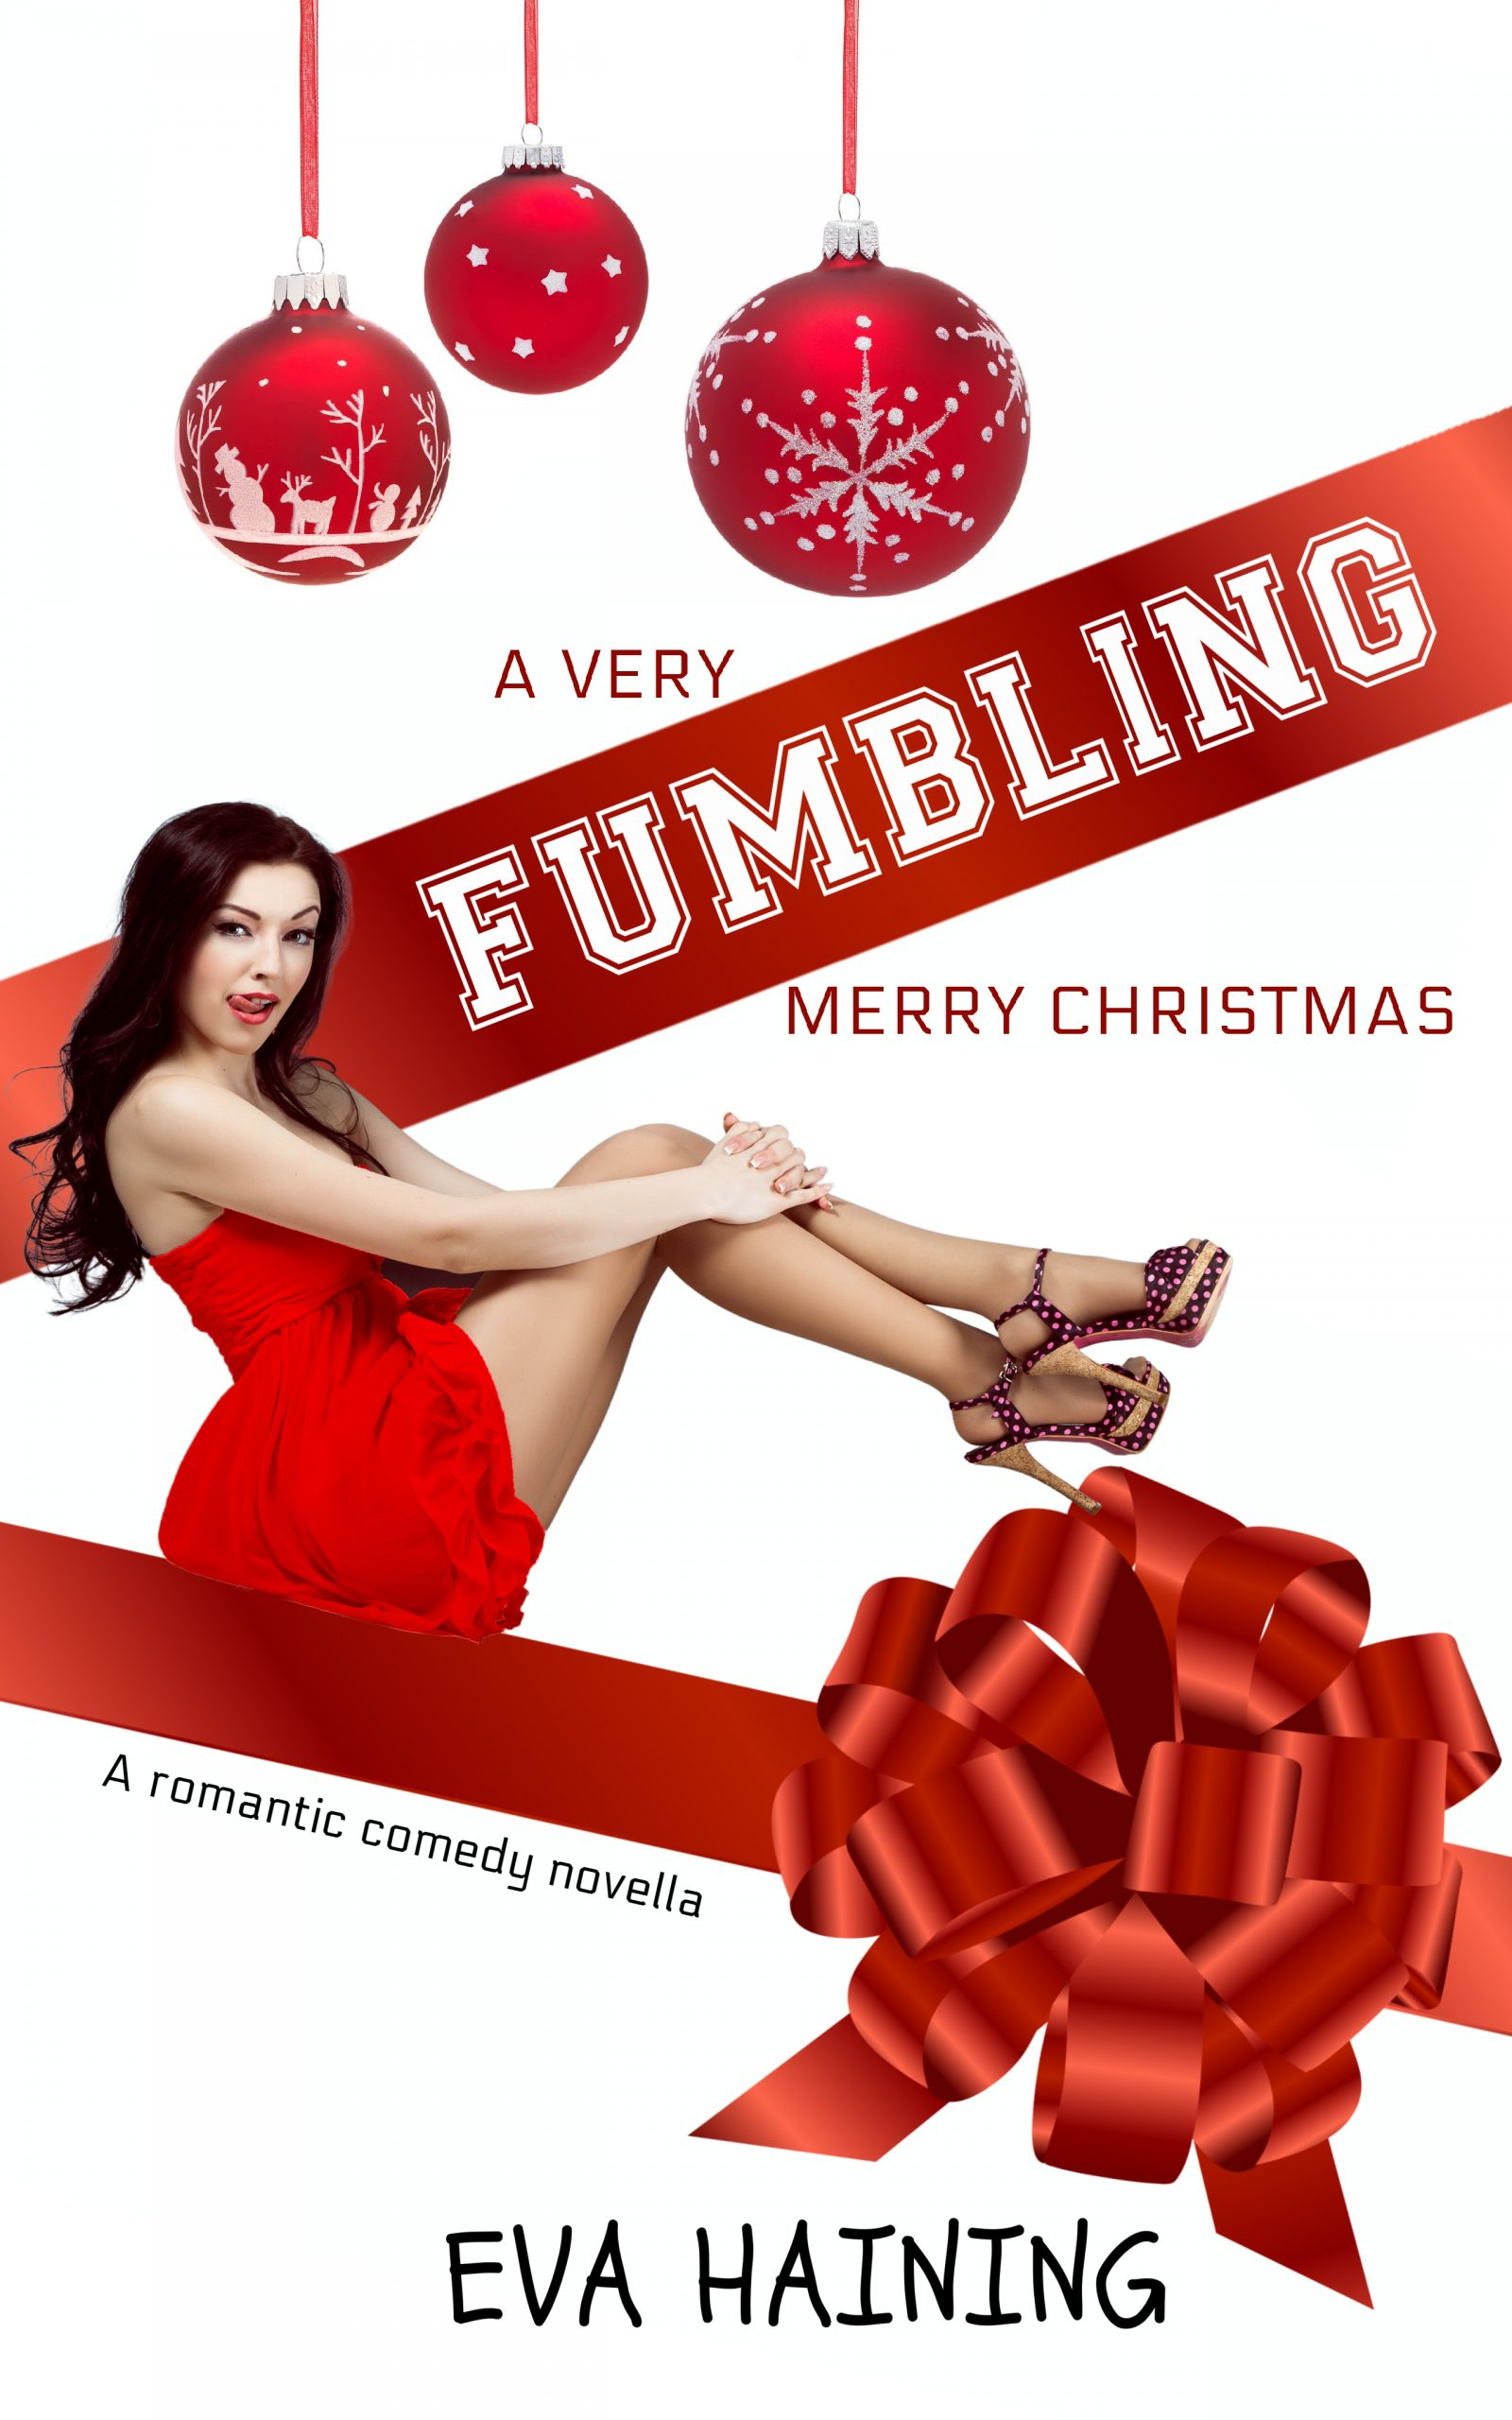 Fumbling Christmas